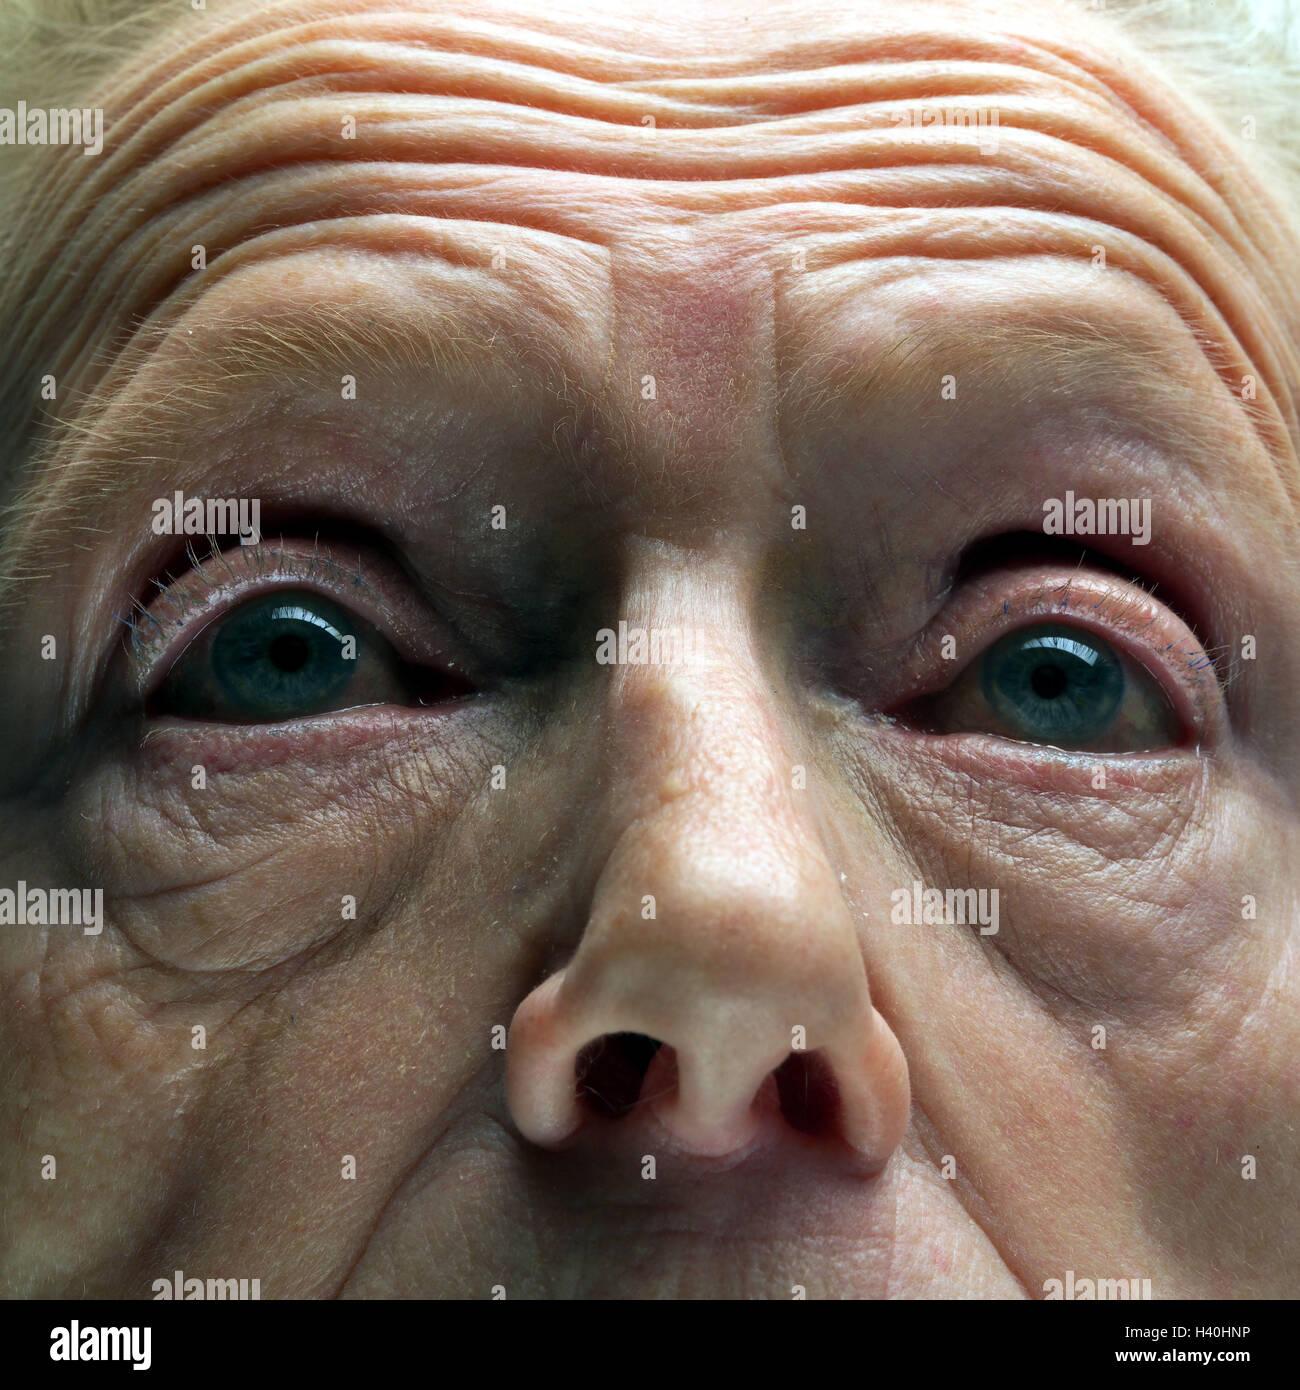 Anzeigen für ältere männer, die frauen suchen